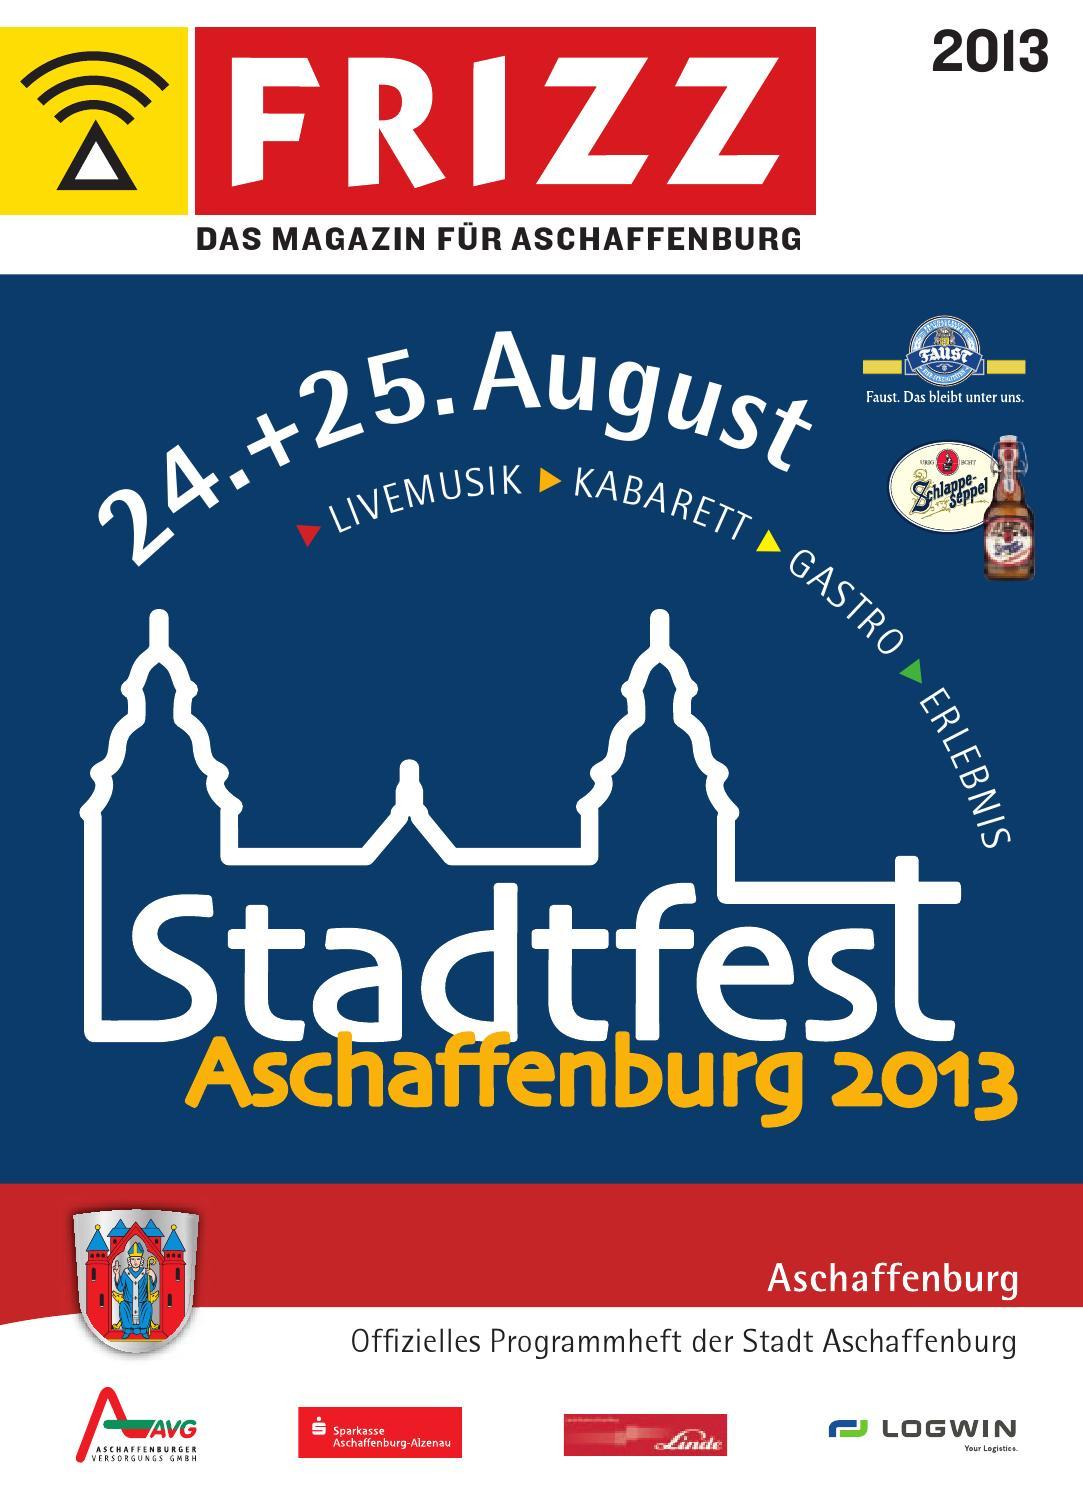 Stadtfestguide Aschaffenburg 2013 by MorgenWelt Verlag - issuu